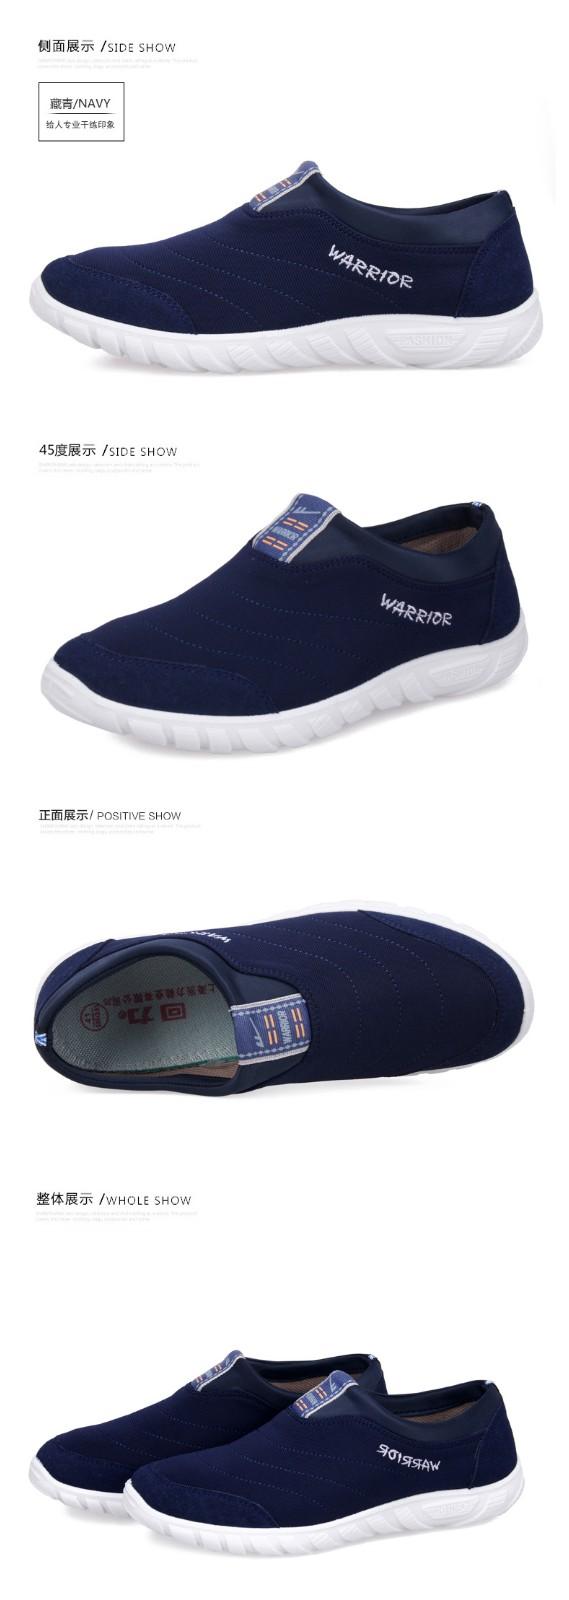 回力男鞋帆布鞋子一脚蹬懒人鞋男士潮流韩版布鞋透气鞋图片十六